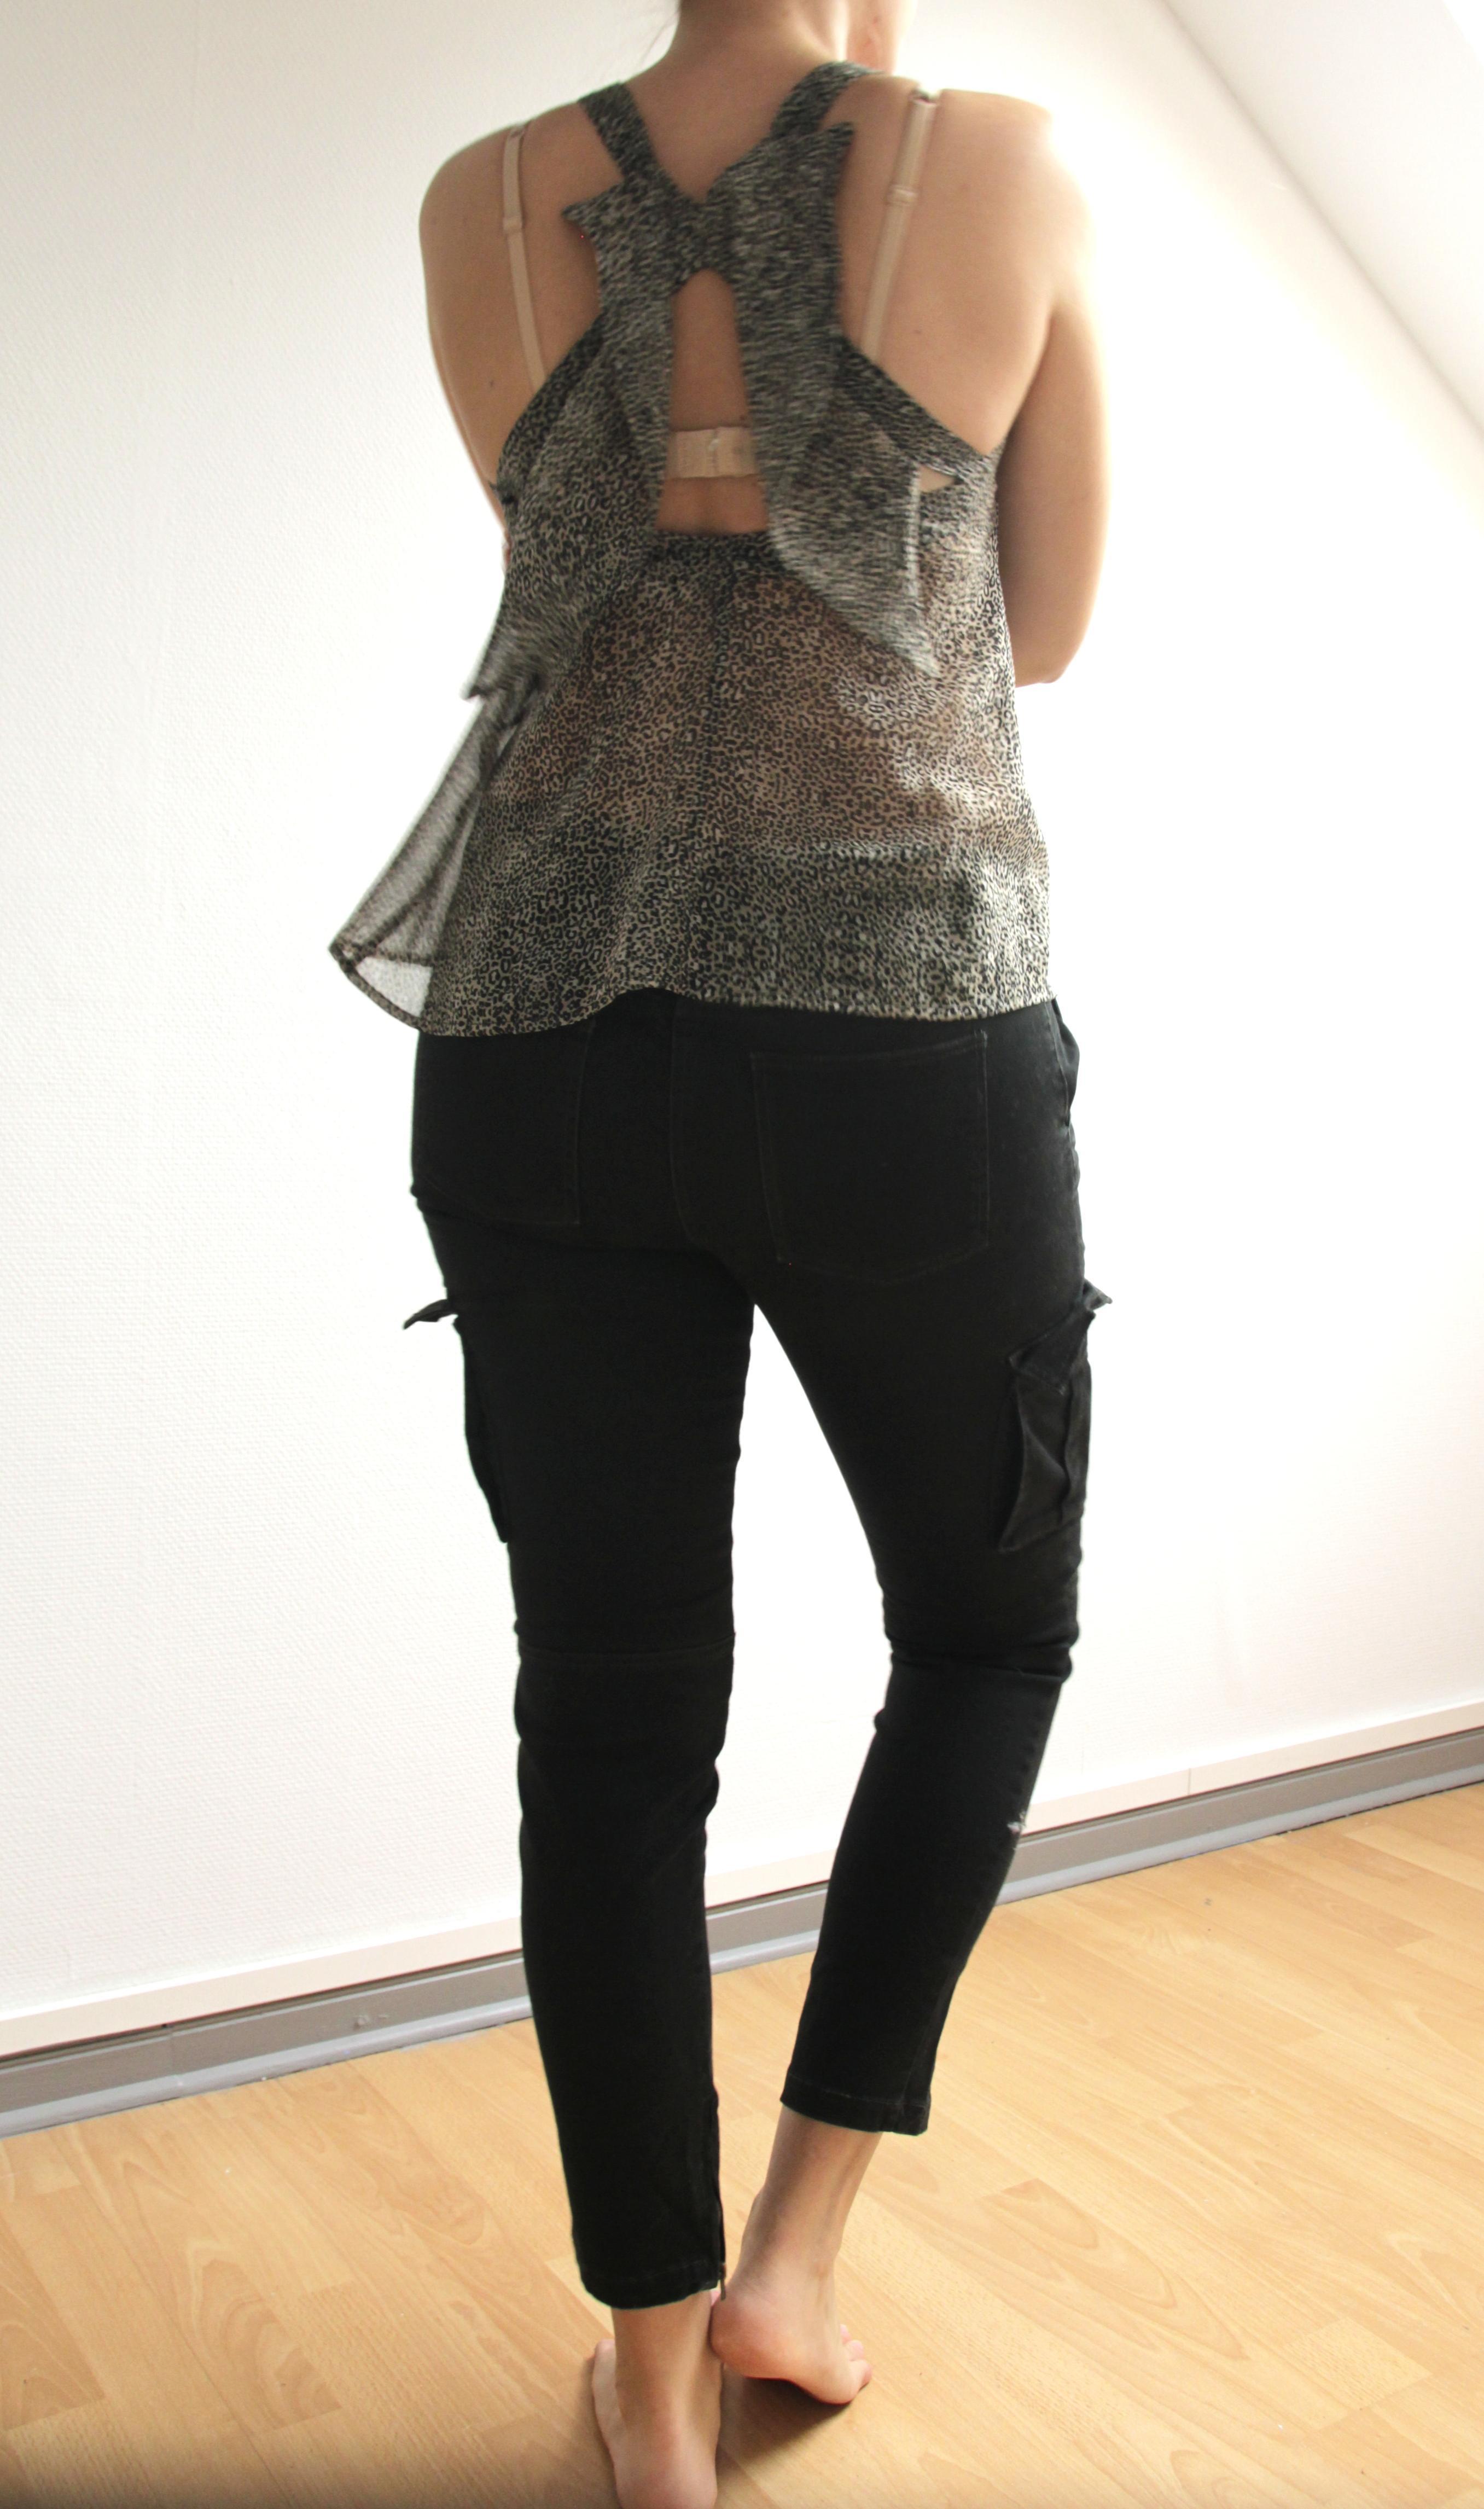 troc de troc pantalon noir 7/8 marque monoprix taille 40 image 1